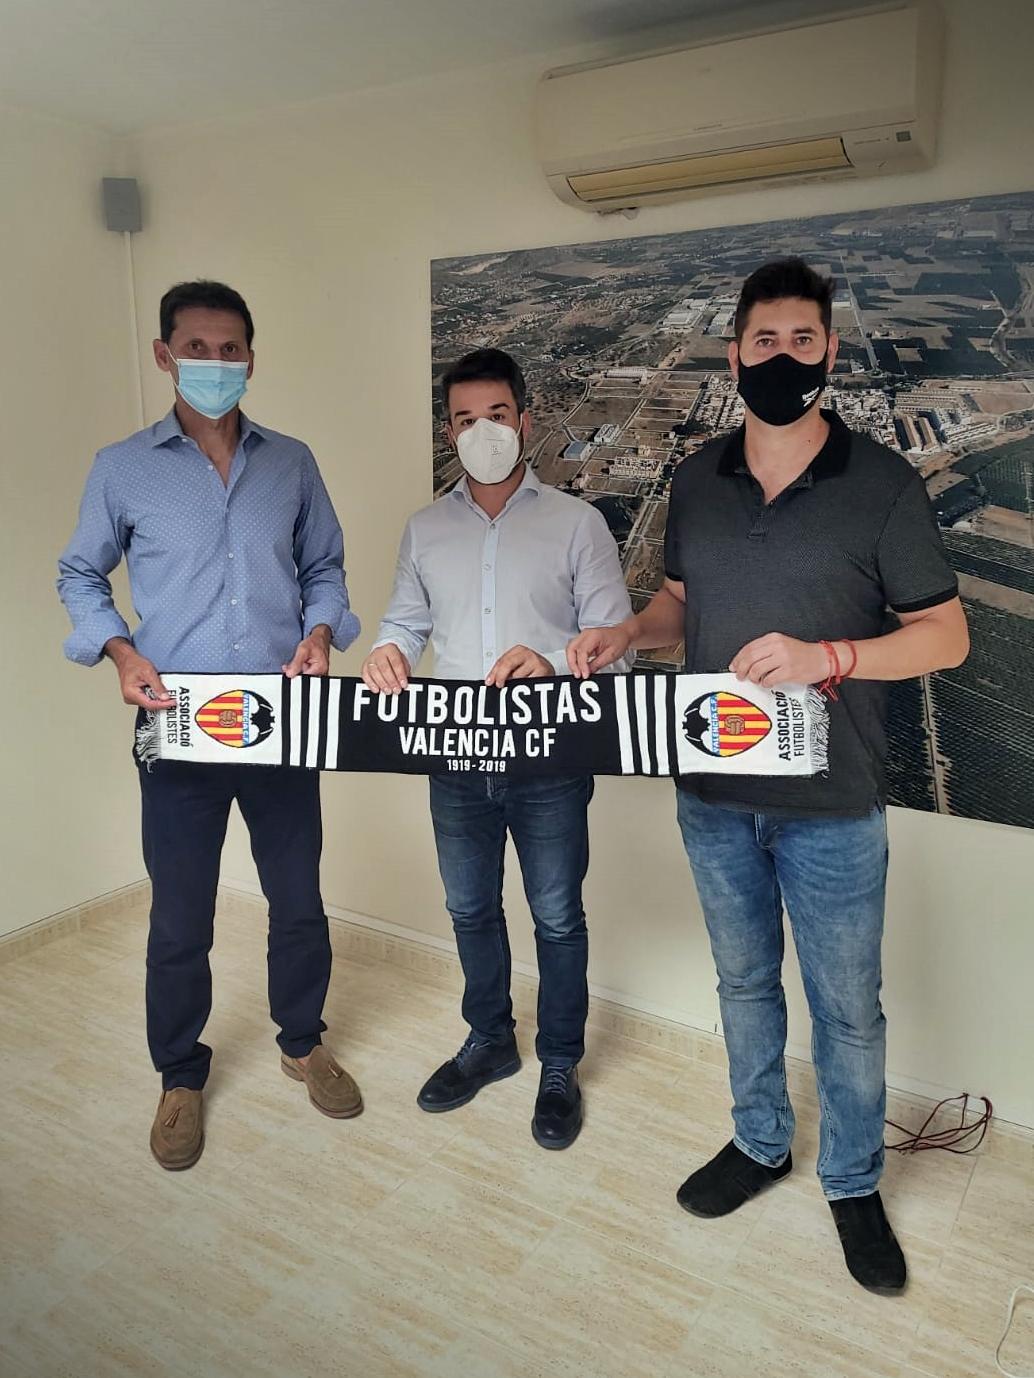 La Asociación de Futbolistas del Valencia CF abre escuela en Loriguilla